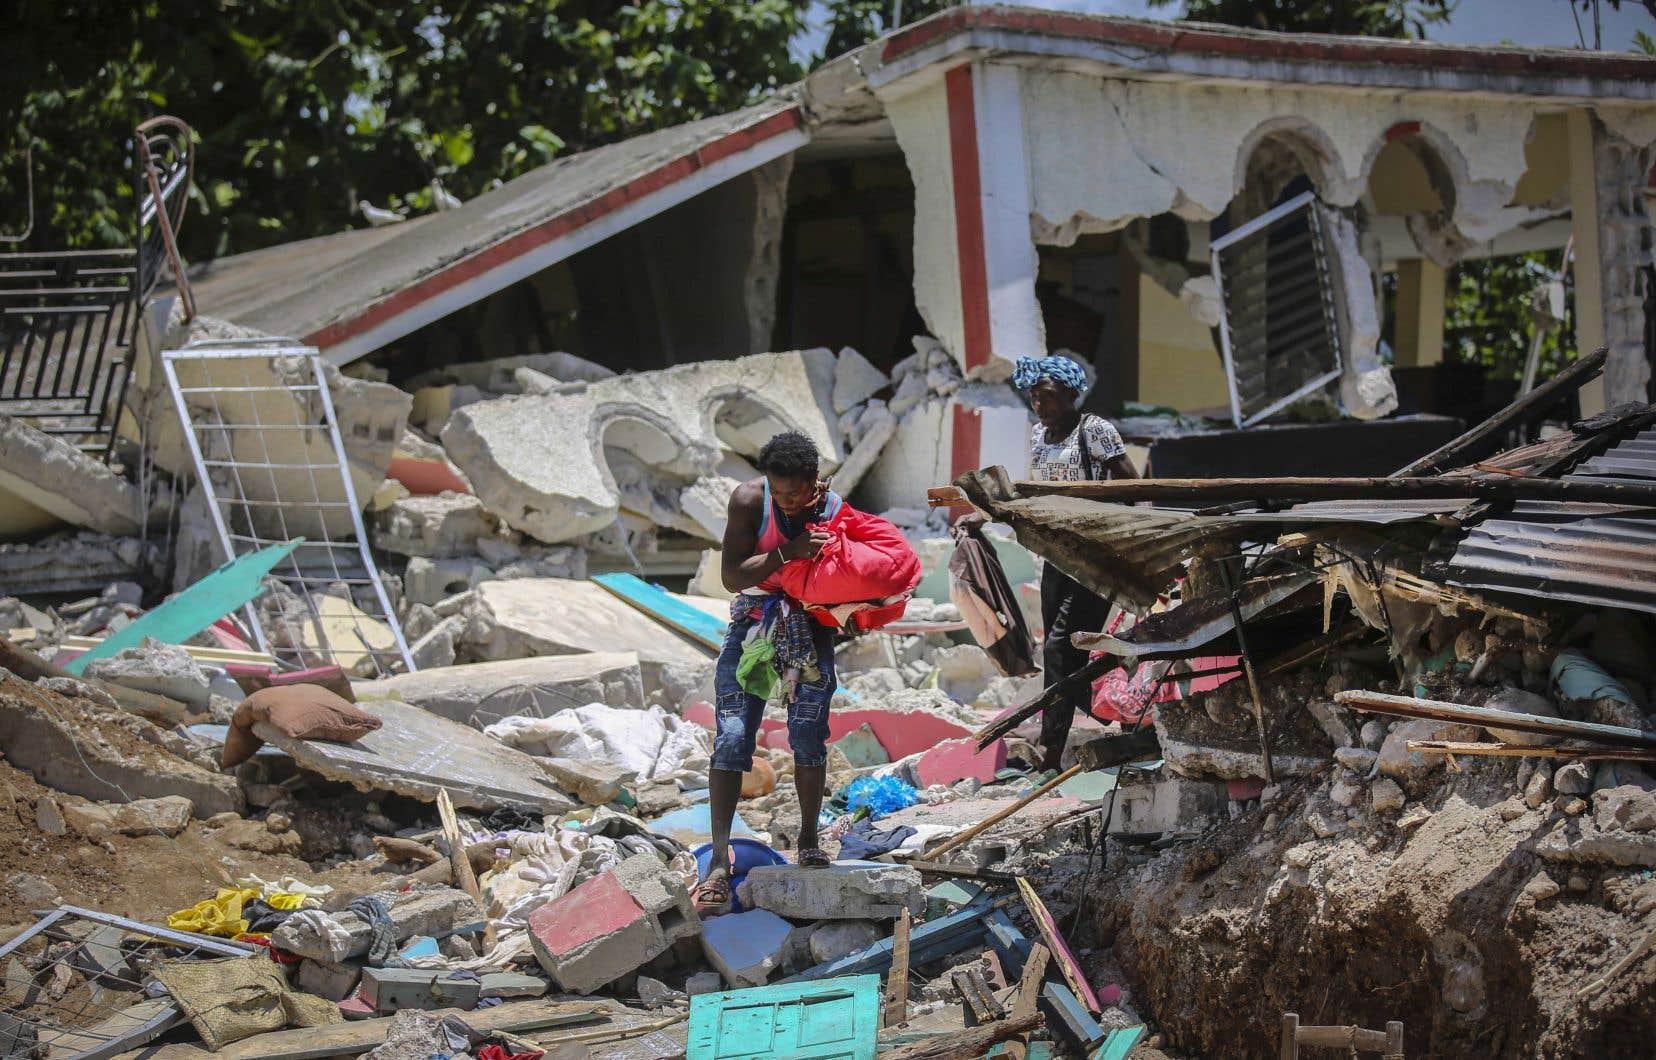 Avec près de 53000 maisons entièrement détruites et plus de 77000 autres endommagées dans la catastrophe du 14août, la priorité des autorités et des acteurs humanitaires est d'éviter la concentration de personnes dans de grands camps informels.